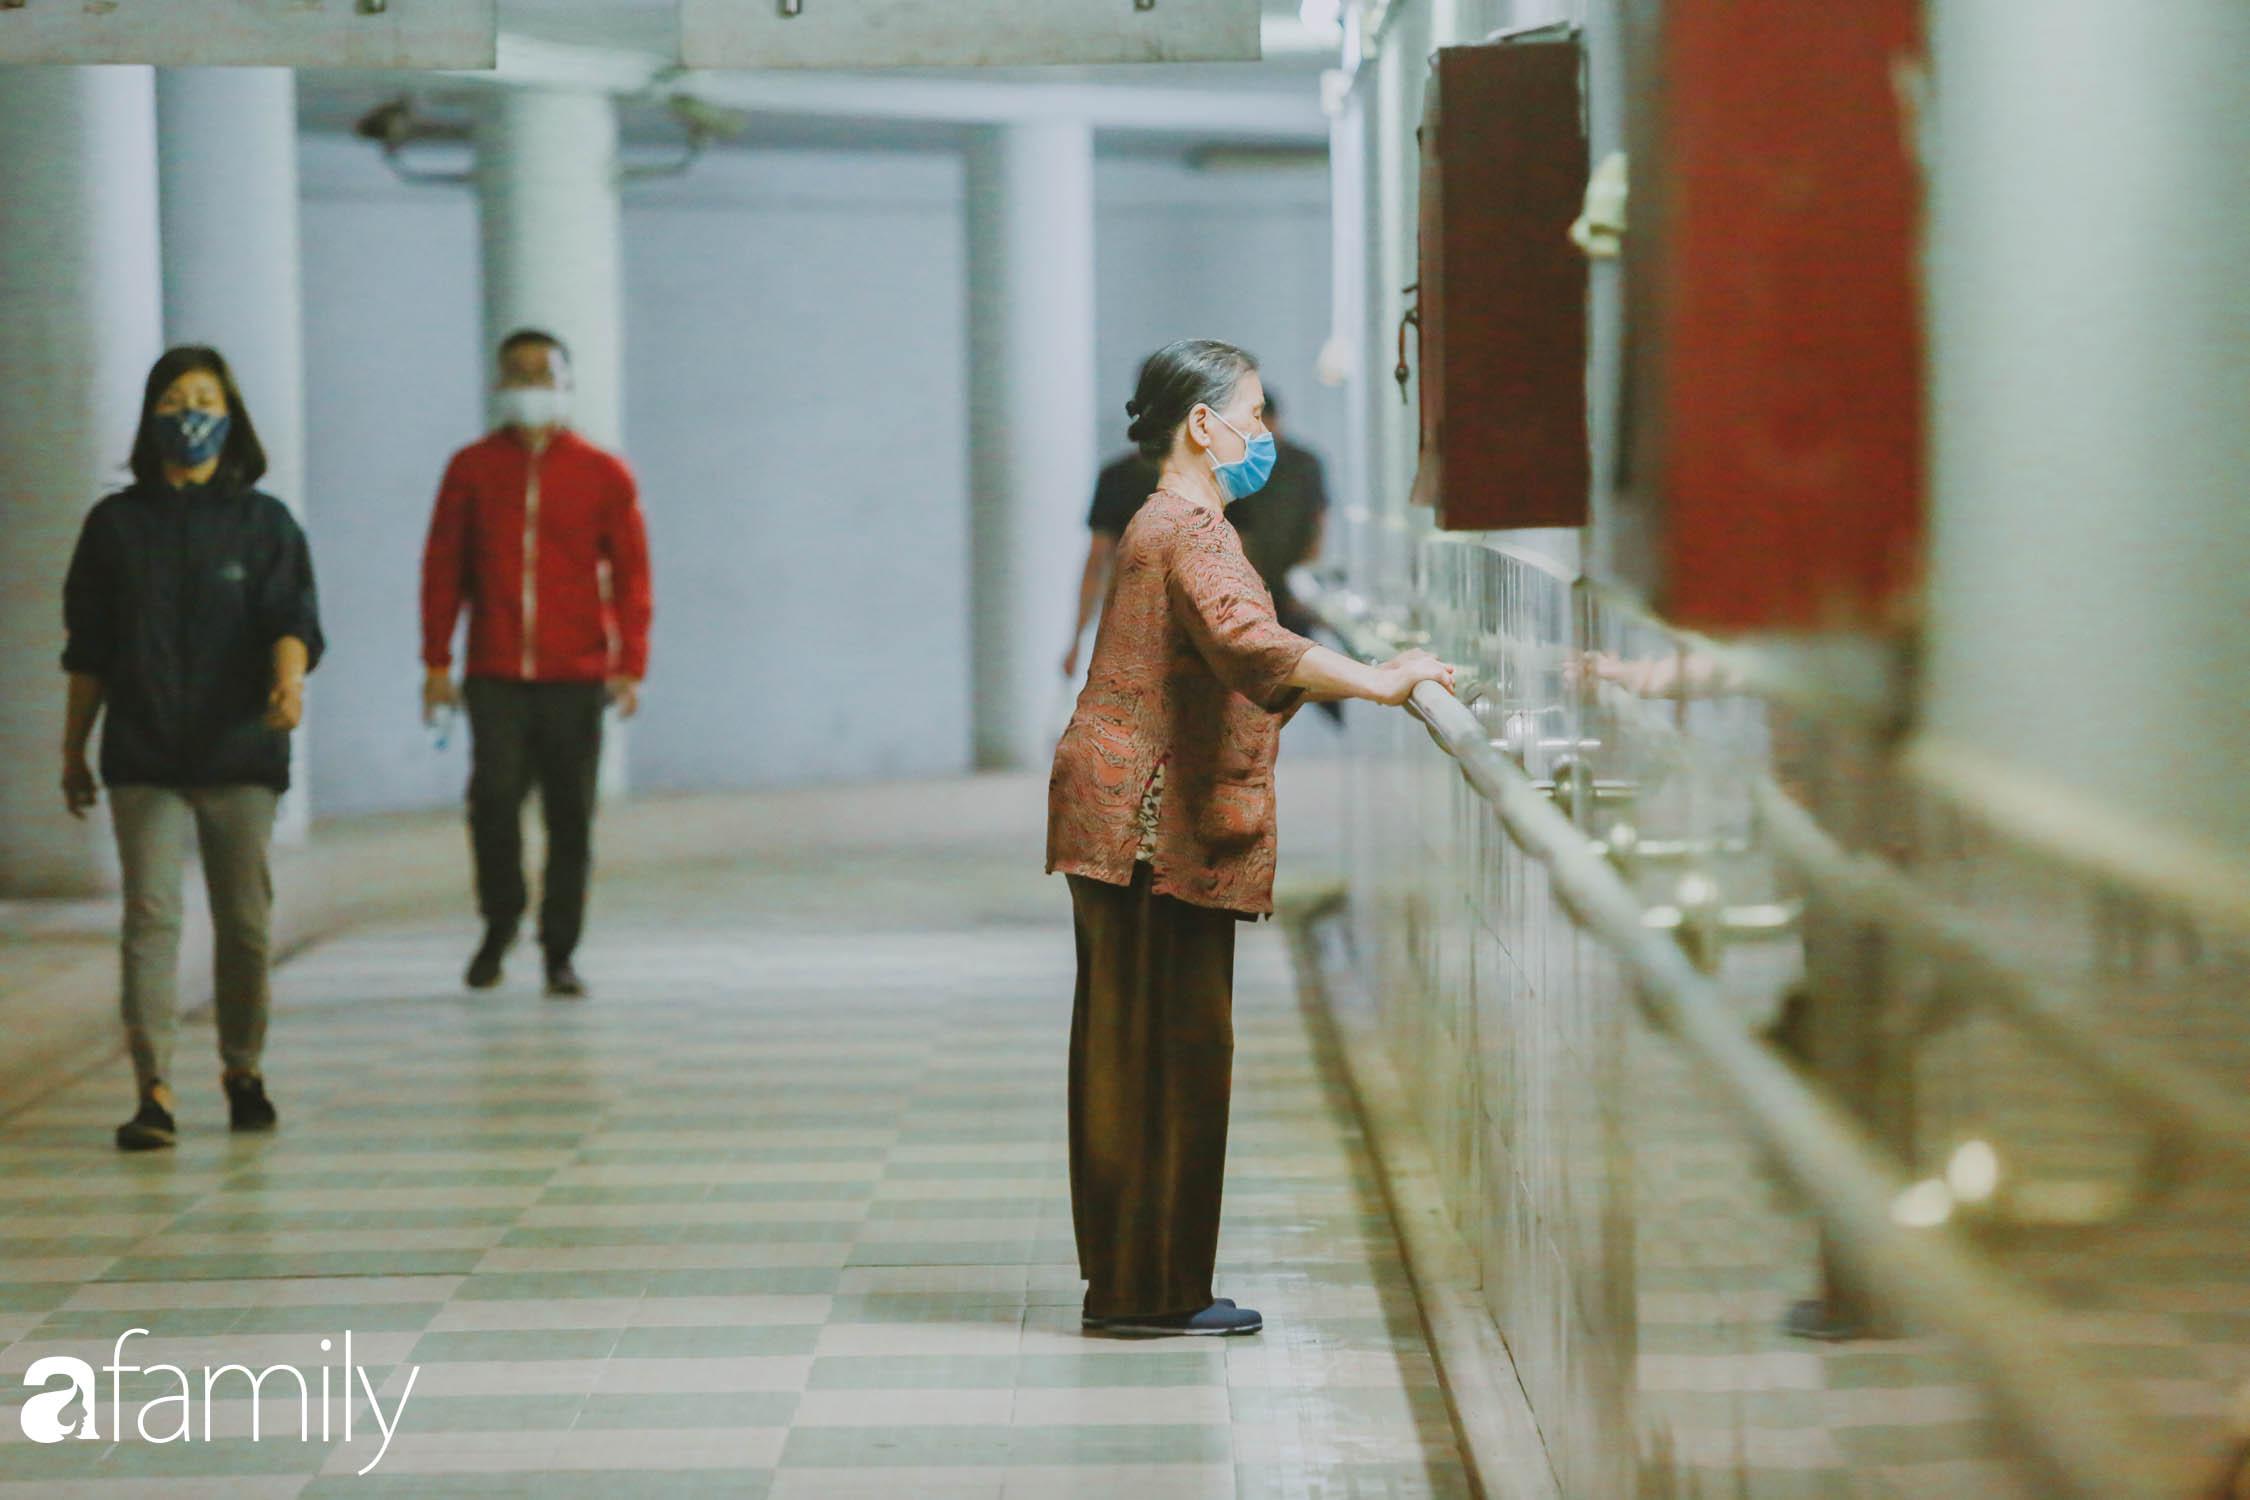 Kỳ lạ giữa Hà Nội mùa dịch corona: Trên đường vắng tanh, già trẻ, lớn bé rủ nhau xuống hầm tập thể thao nâng cao sức khỏe - Ảnh 11.